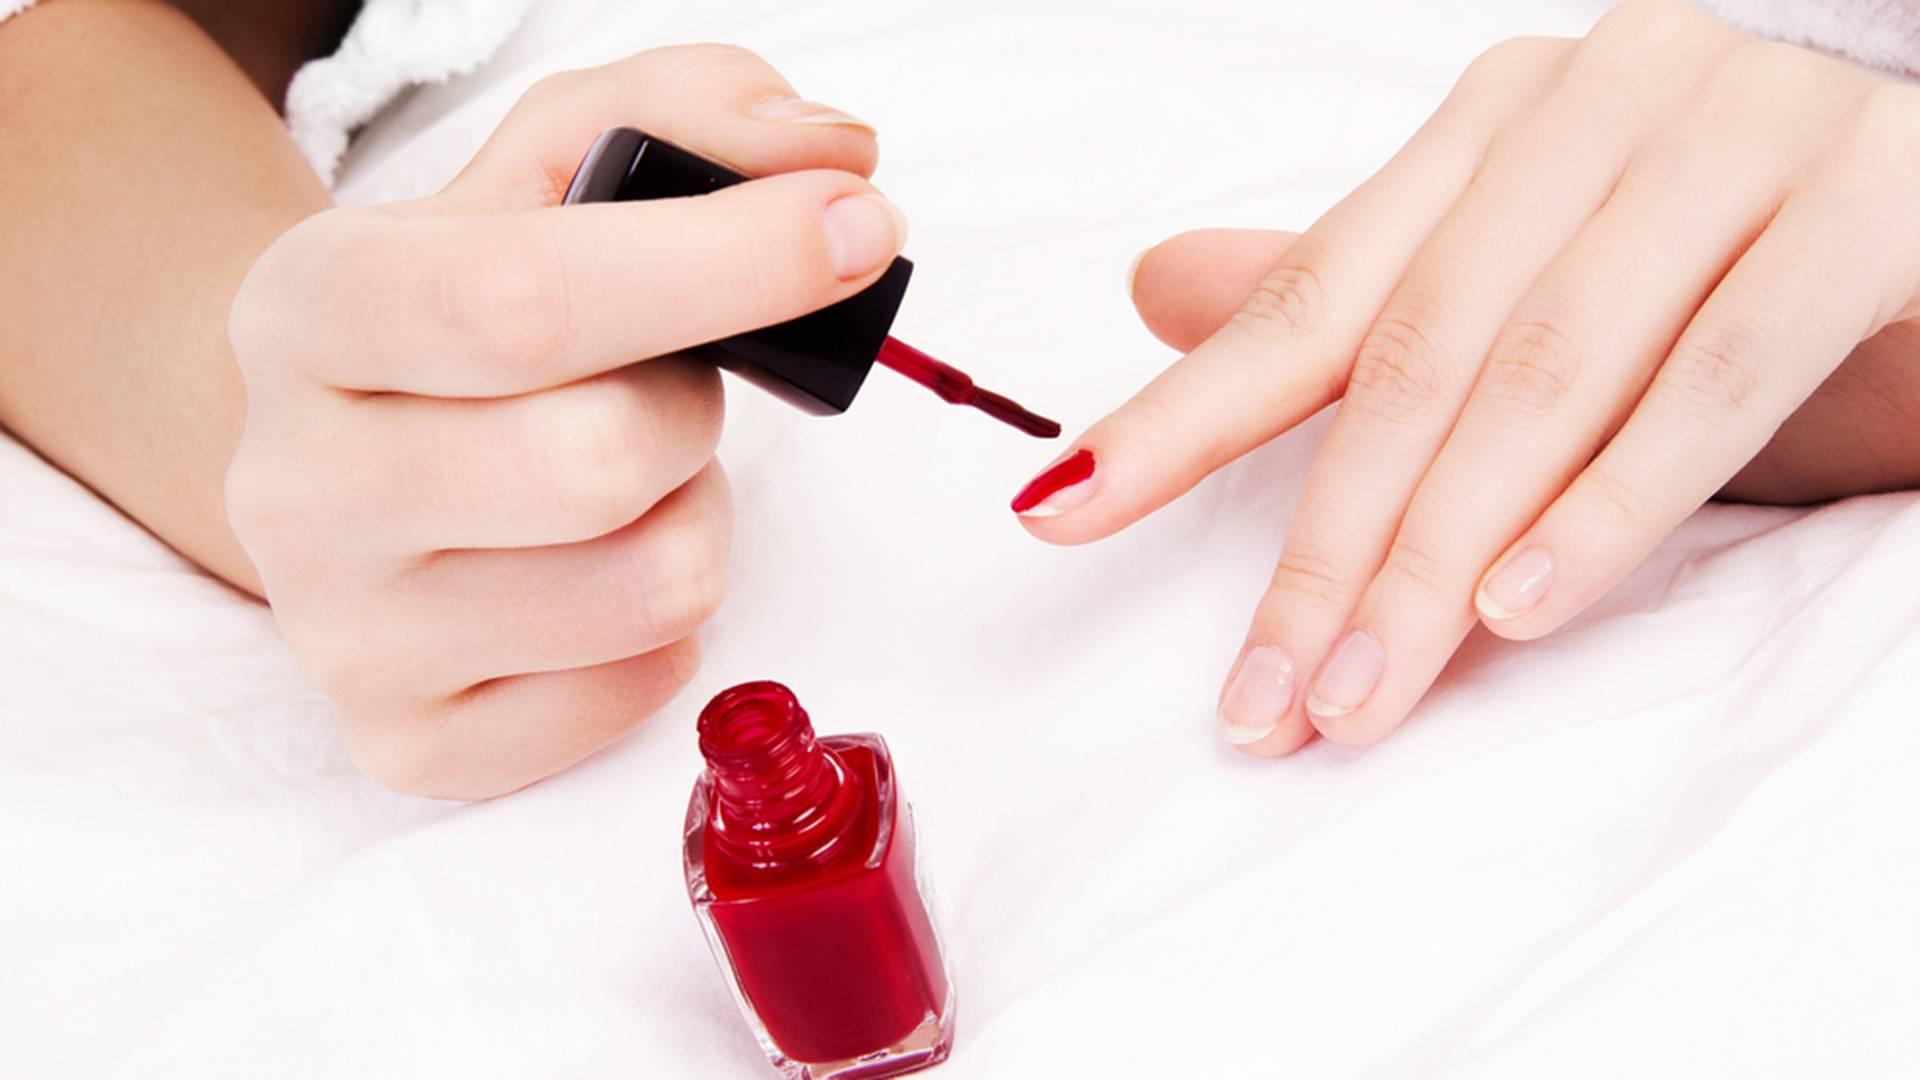 Можно ли делать гель-лак при беременности: красить ногти под лампой в 1 триместр, покрывать шеллаком на ранних сроках